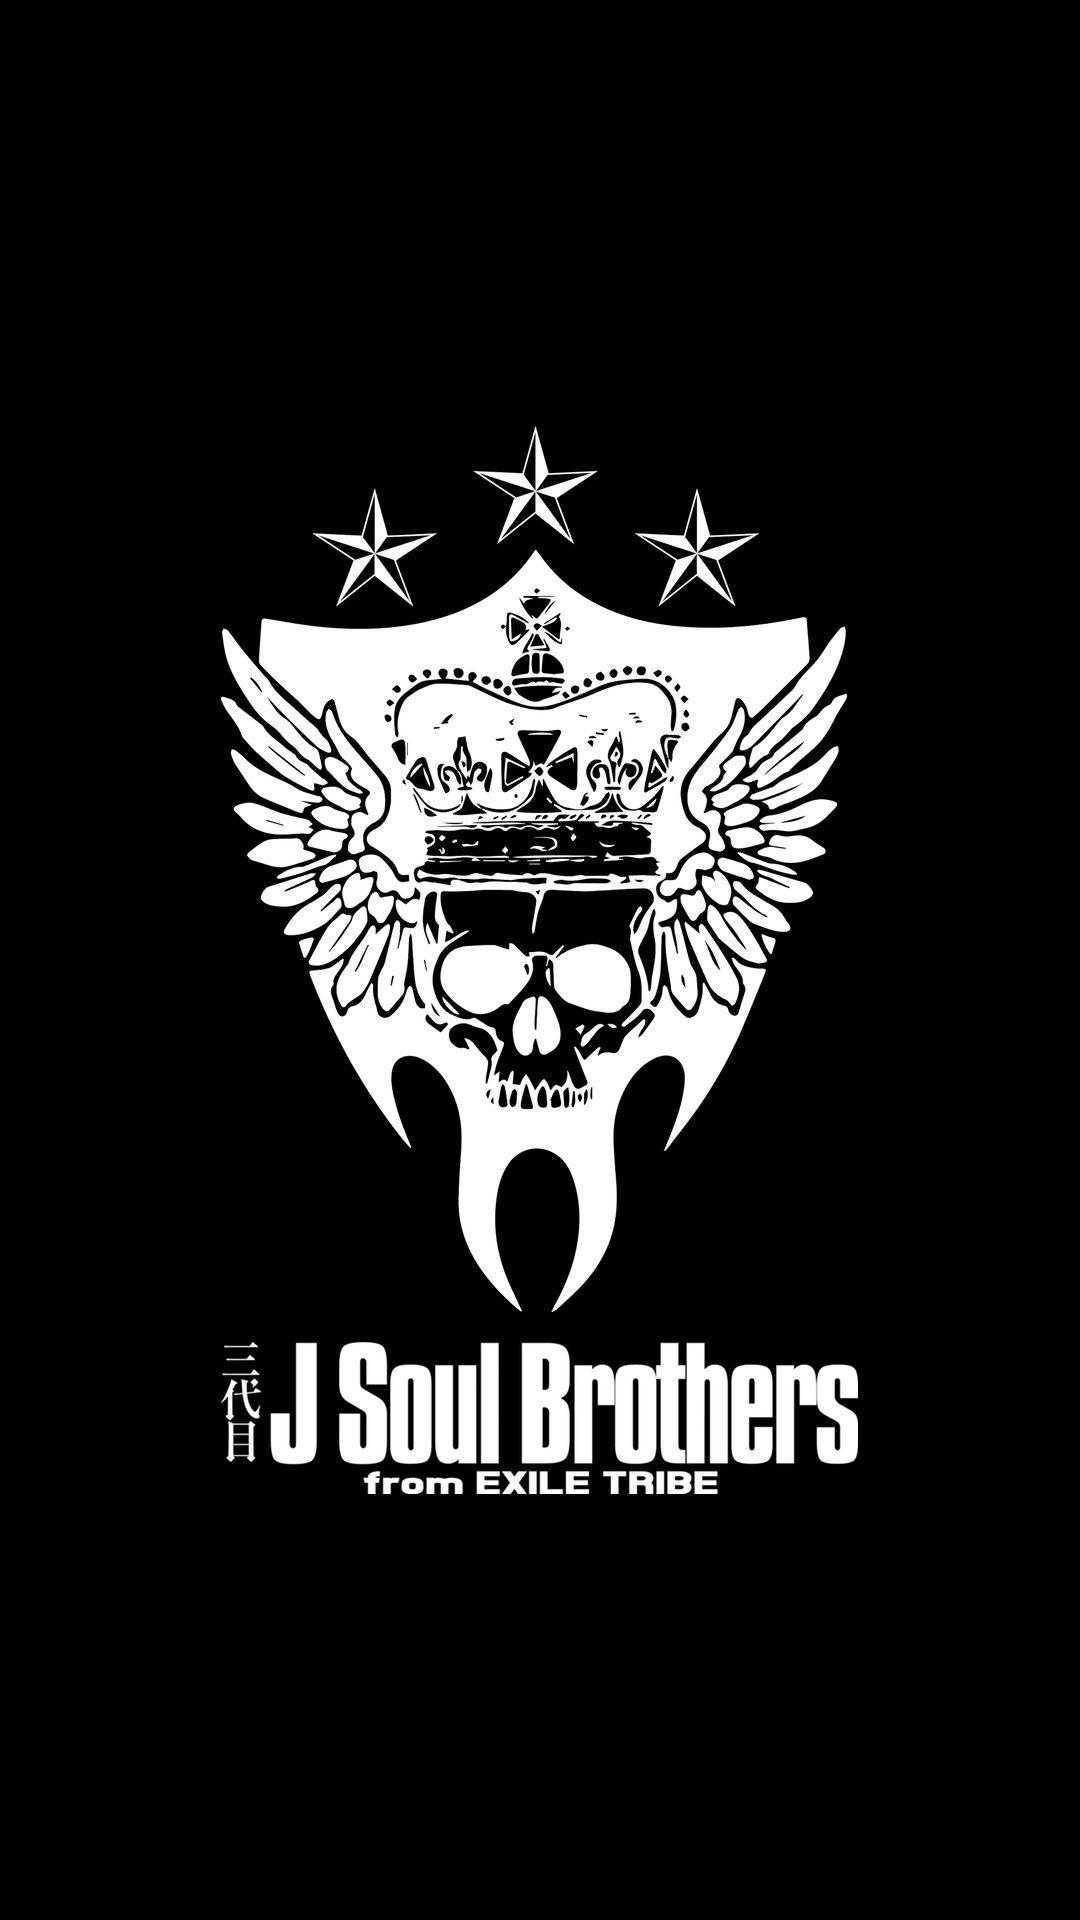 三代目 J Soul Brothersの高画質スマホ壁紙40枚 2020 スマホ壁紙 三代目j Soul Brothers 3代目j Soul Brothers